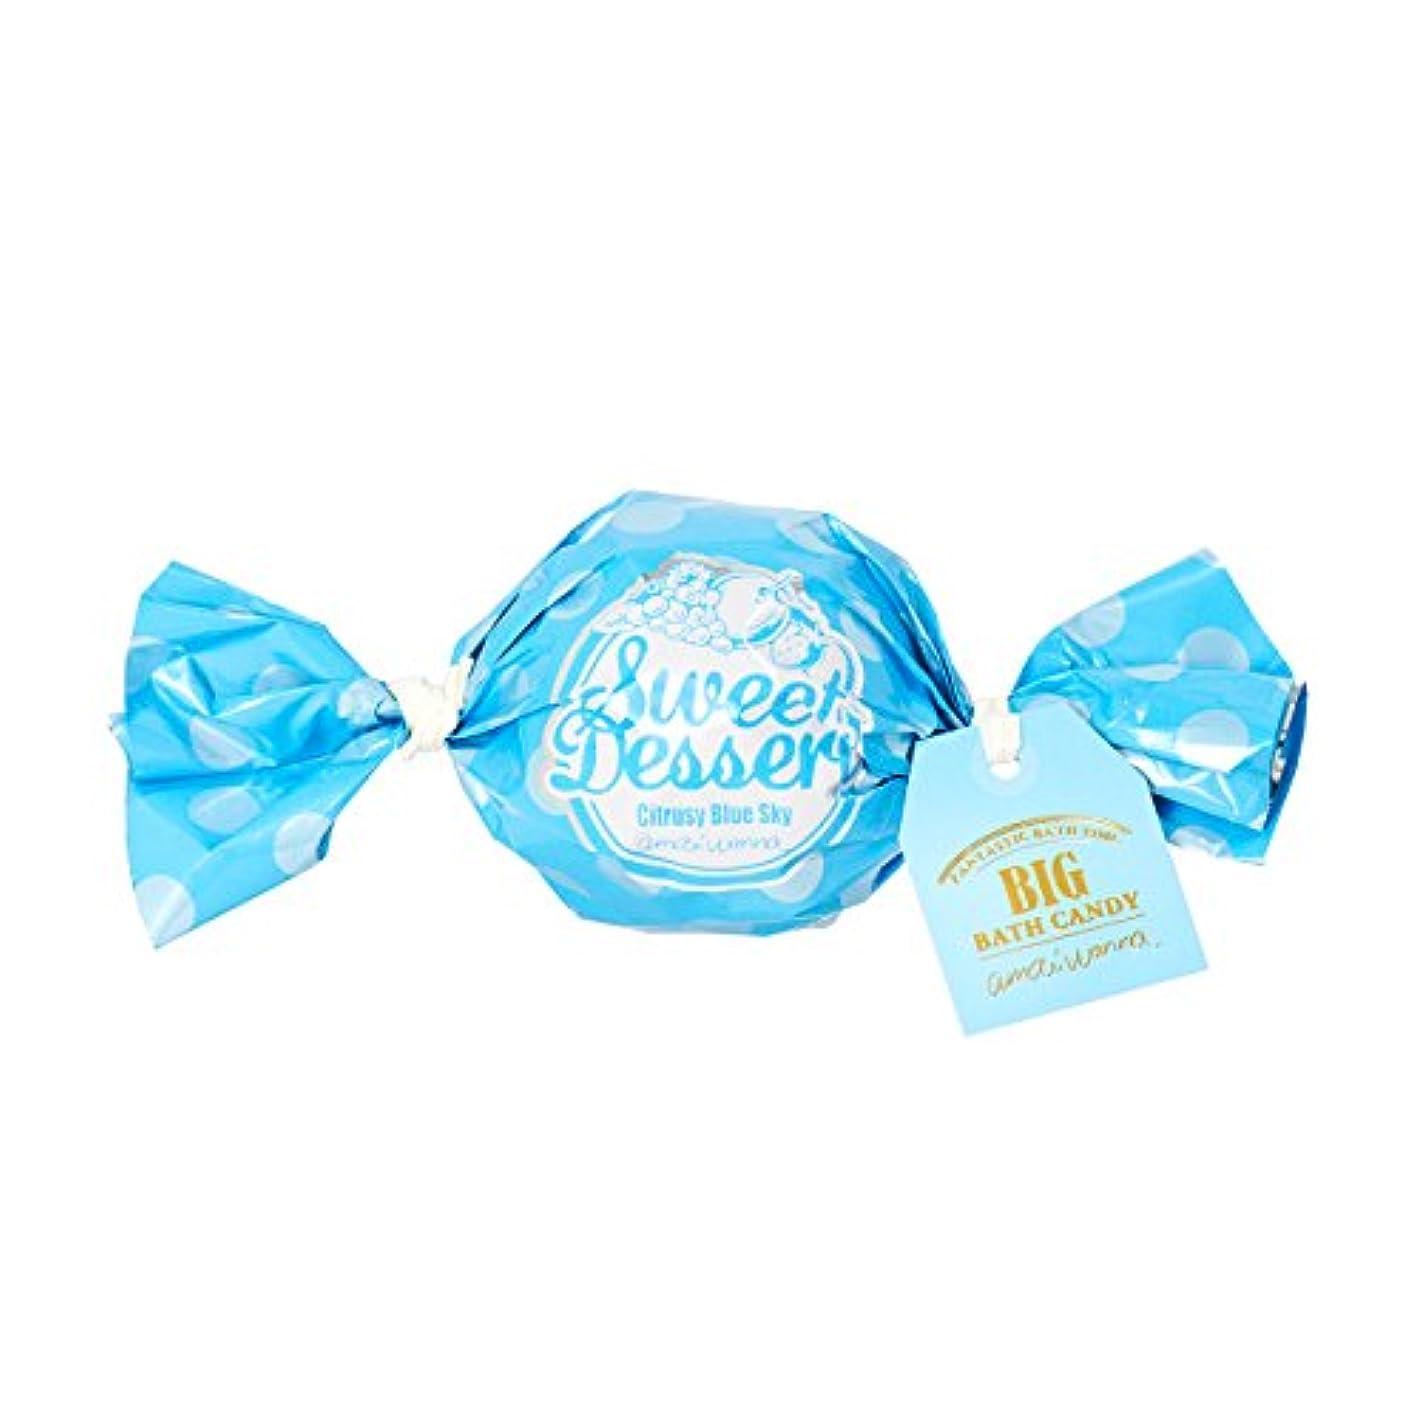 効果的にパントリーミスアマイワナ ビッグバスキャンディー 青空シトラス 100g(発泡タイプ入浴料 おおらかで凛としたシトラスの香り)